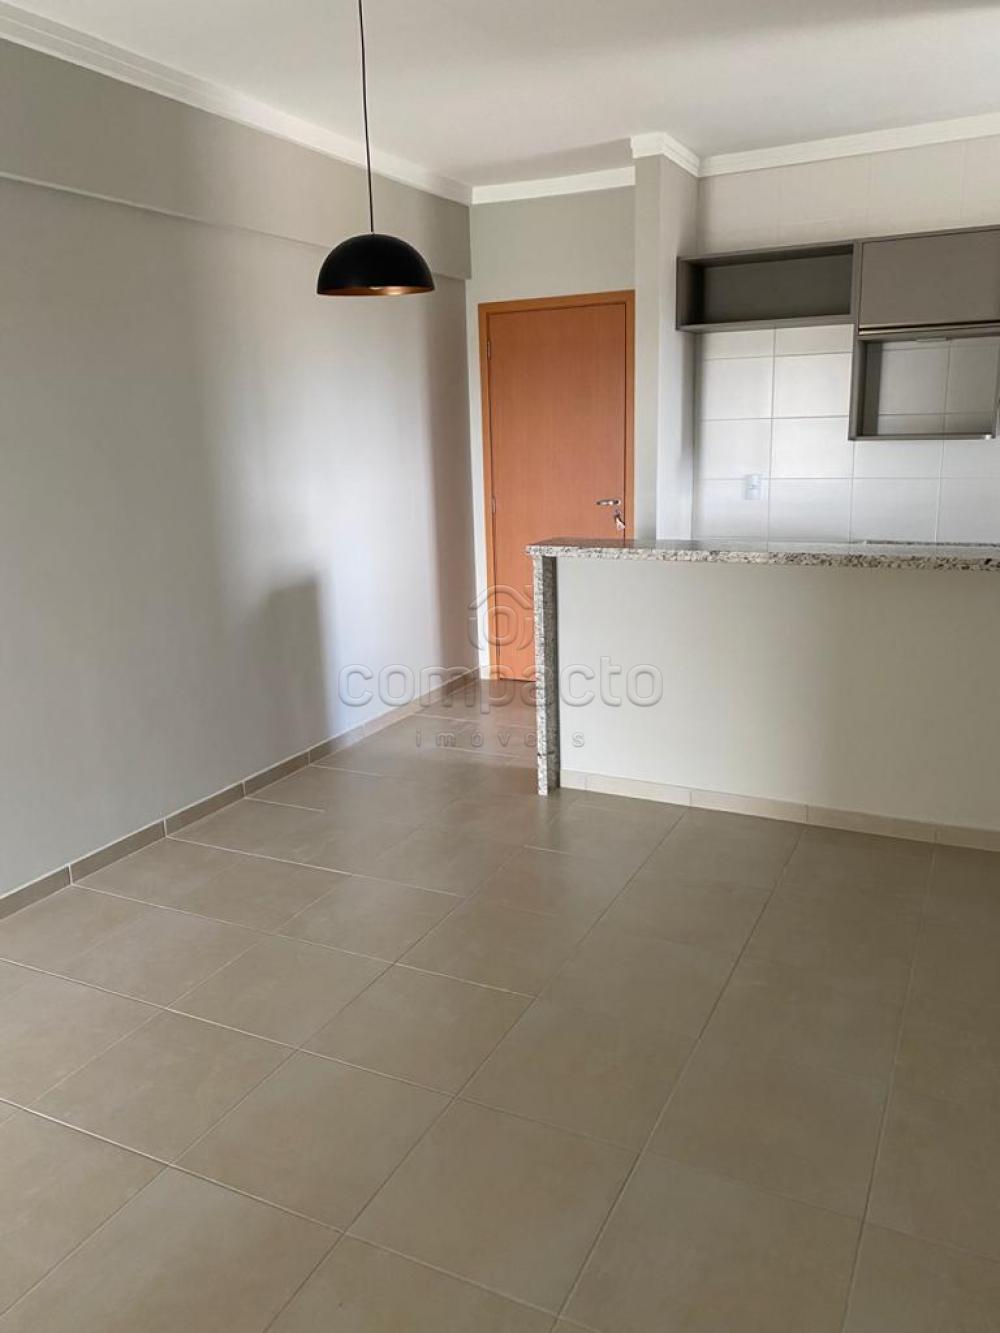 Alugar Apartamento / Padrão em São José do Rio Preto apenas R$ 1.250,00 - Foto 4